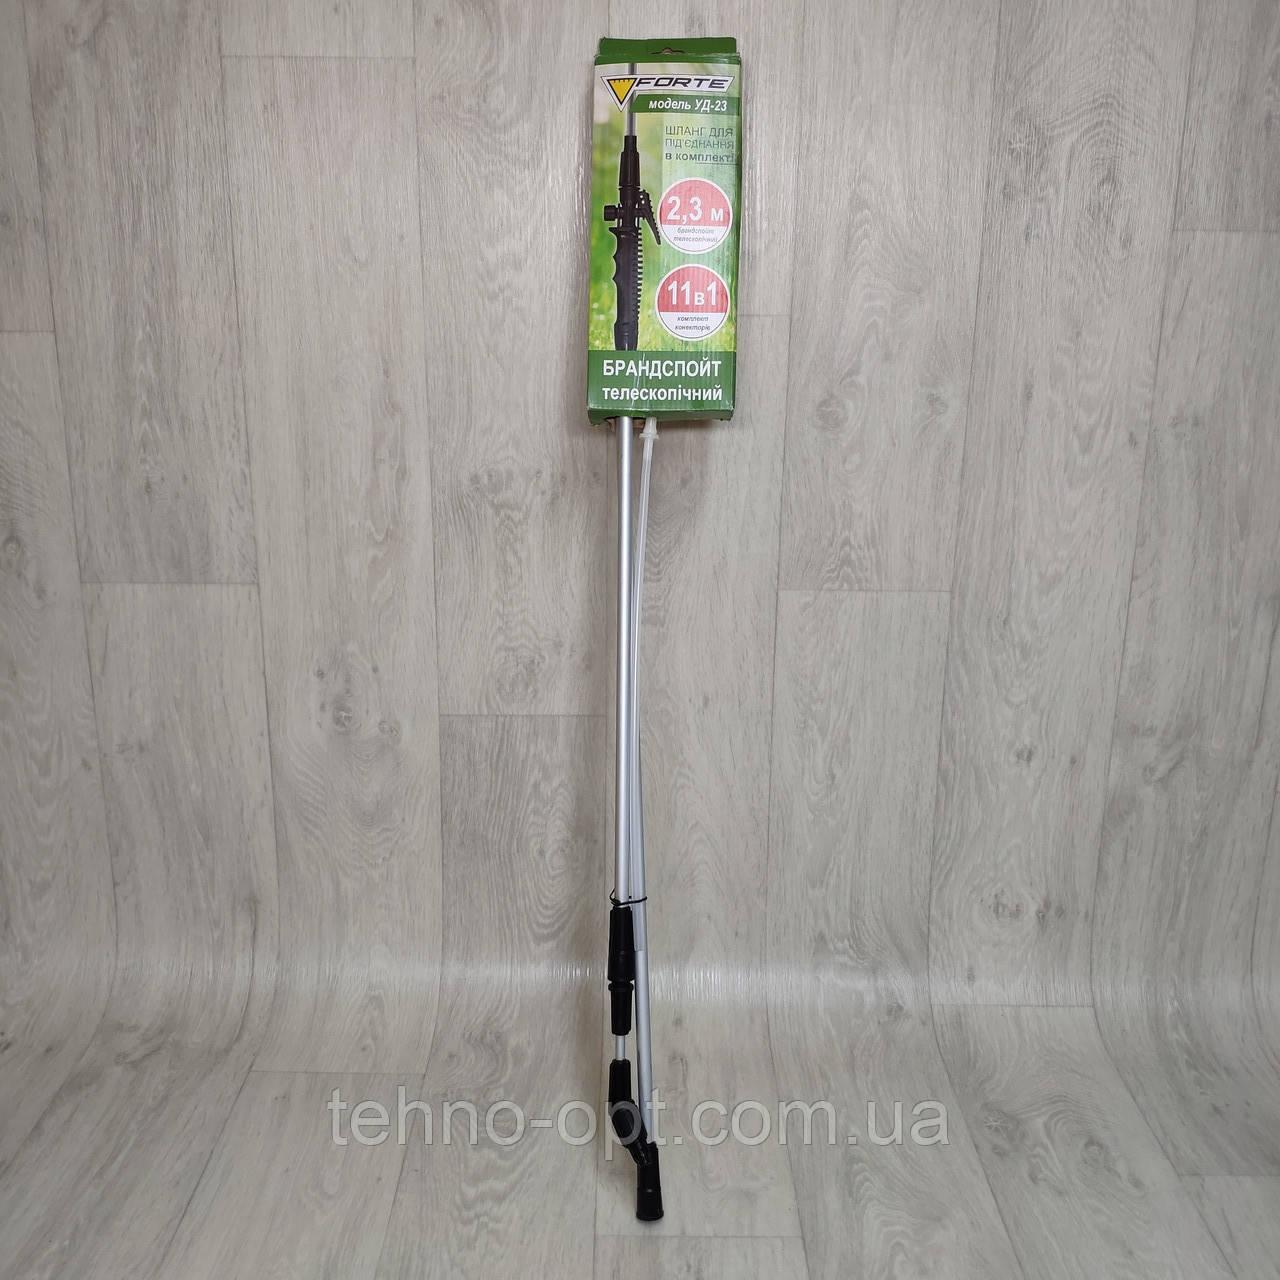 Трубка удлинитель для опрыскивателя длинна 230 см